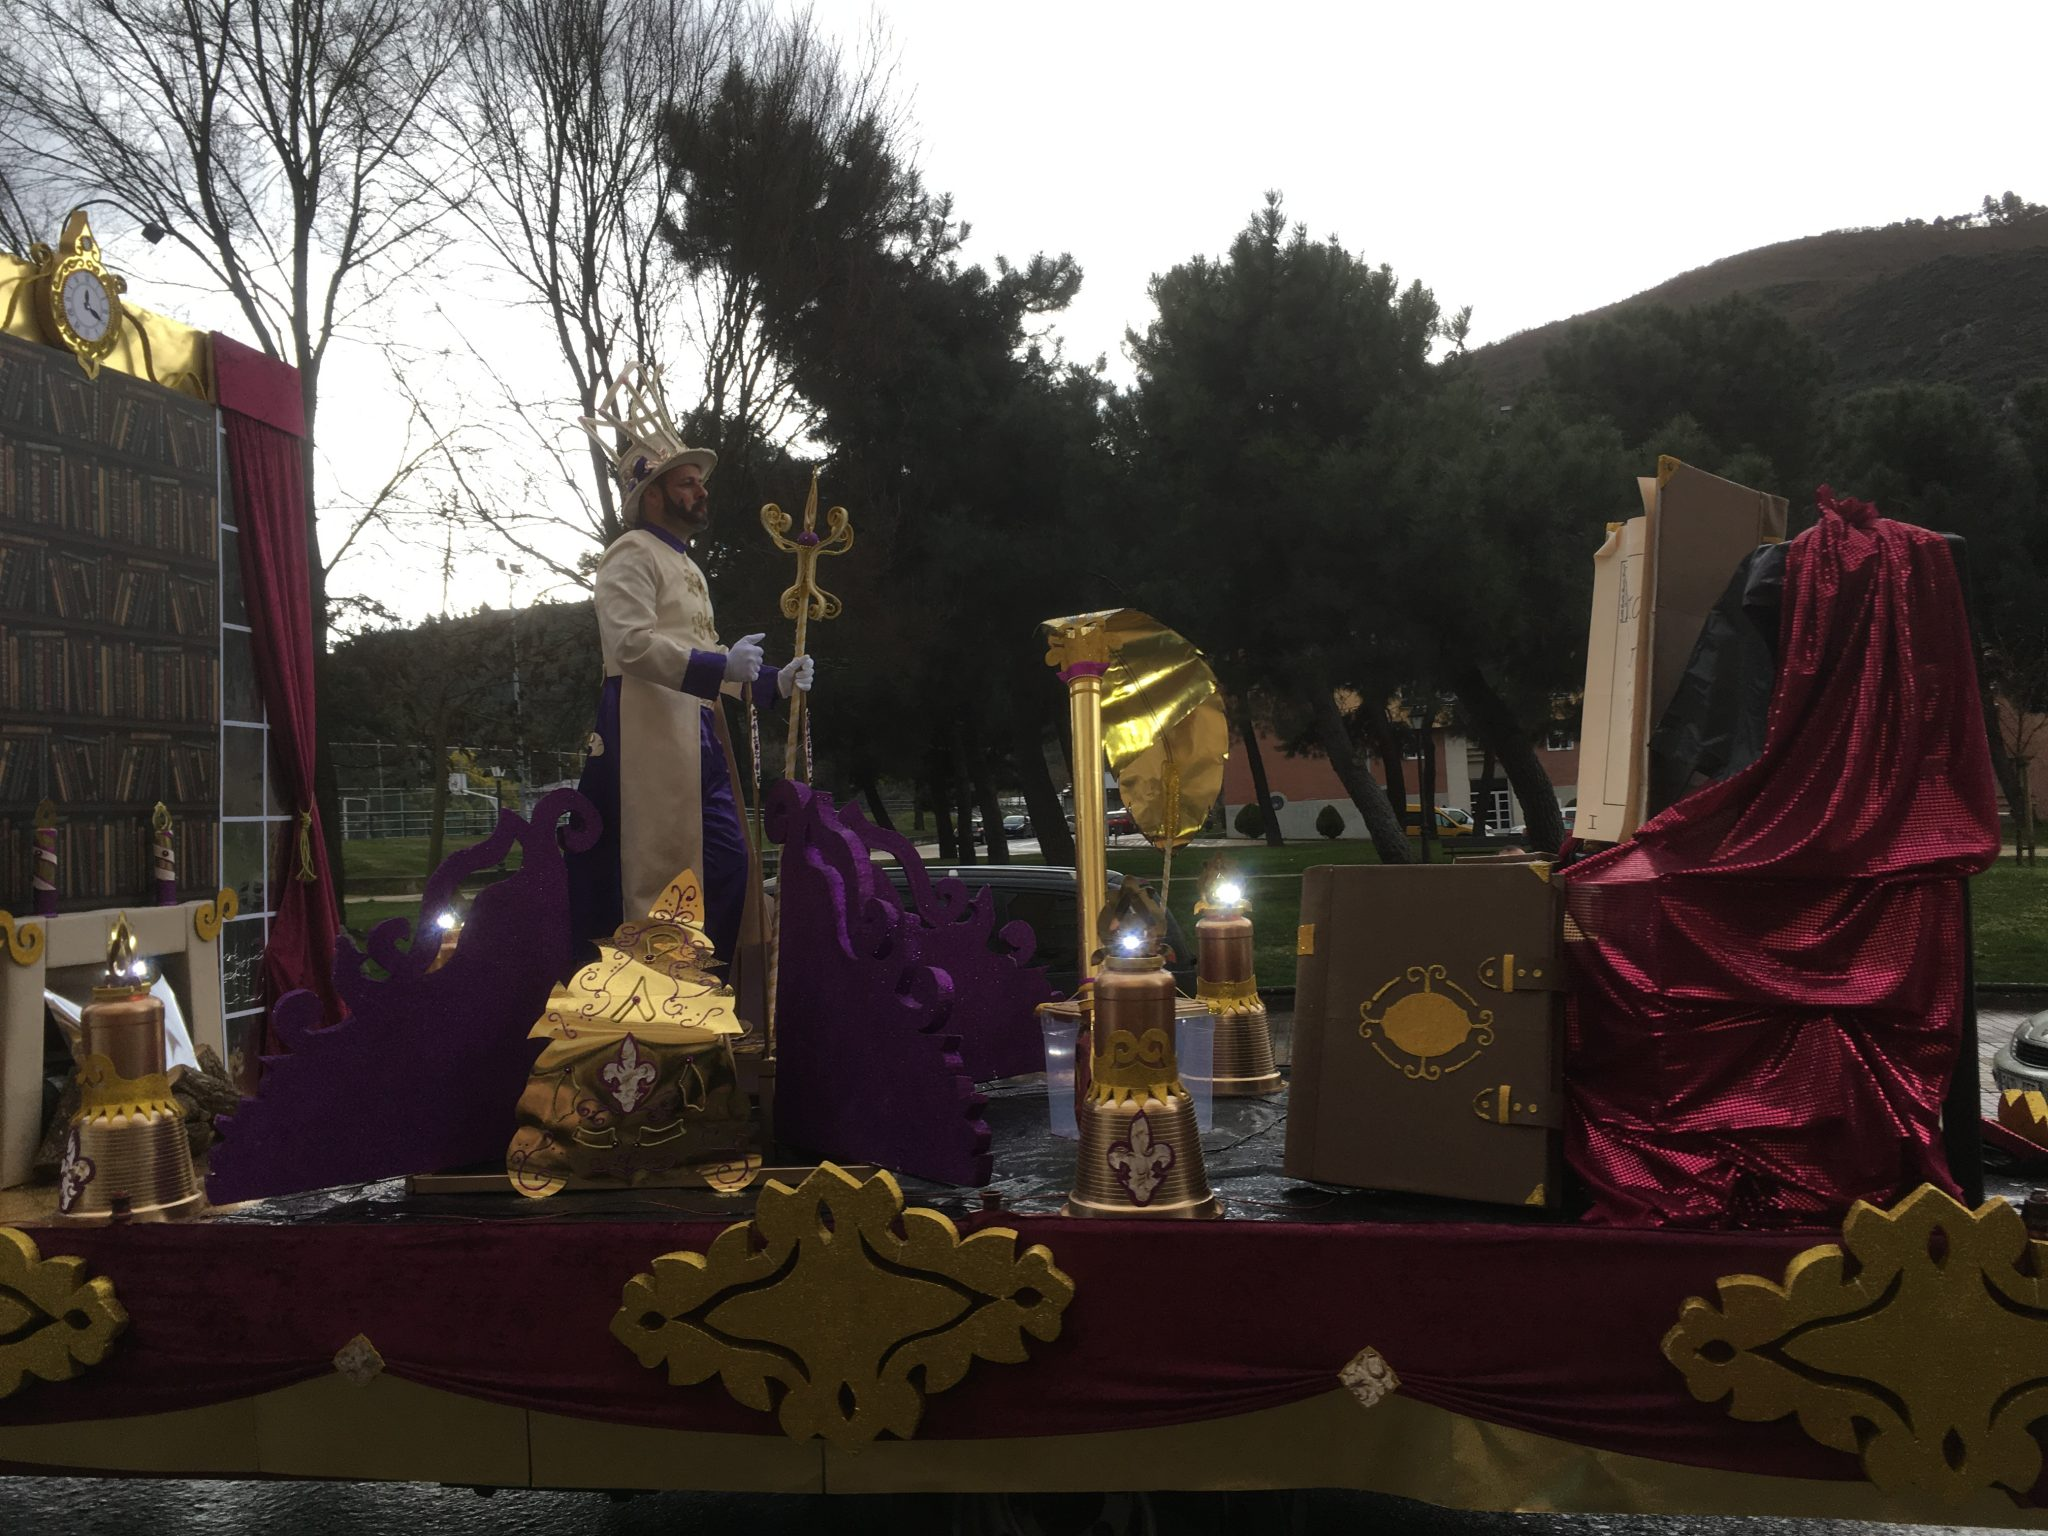 Álbum de fotos del martes de Carnaval 2019 en Ponferrada 65